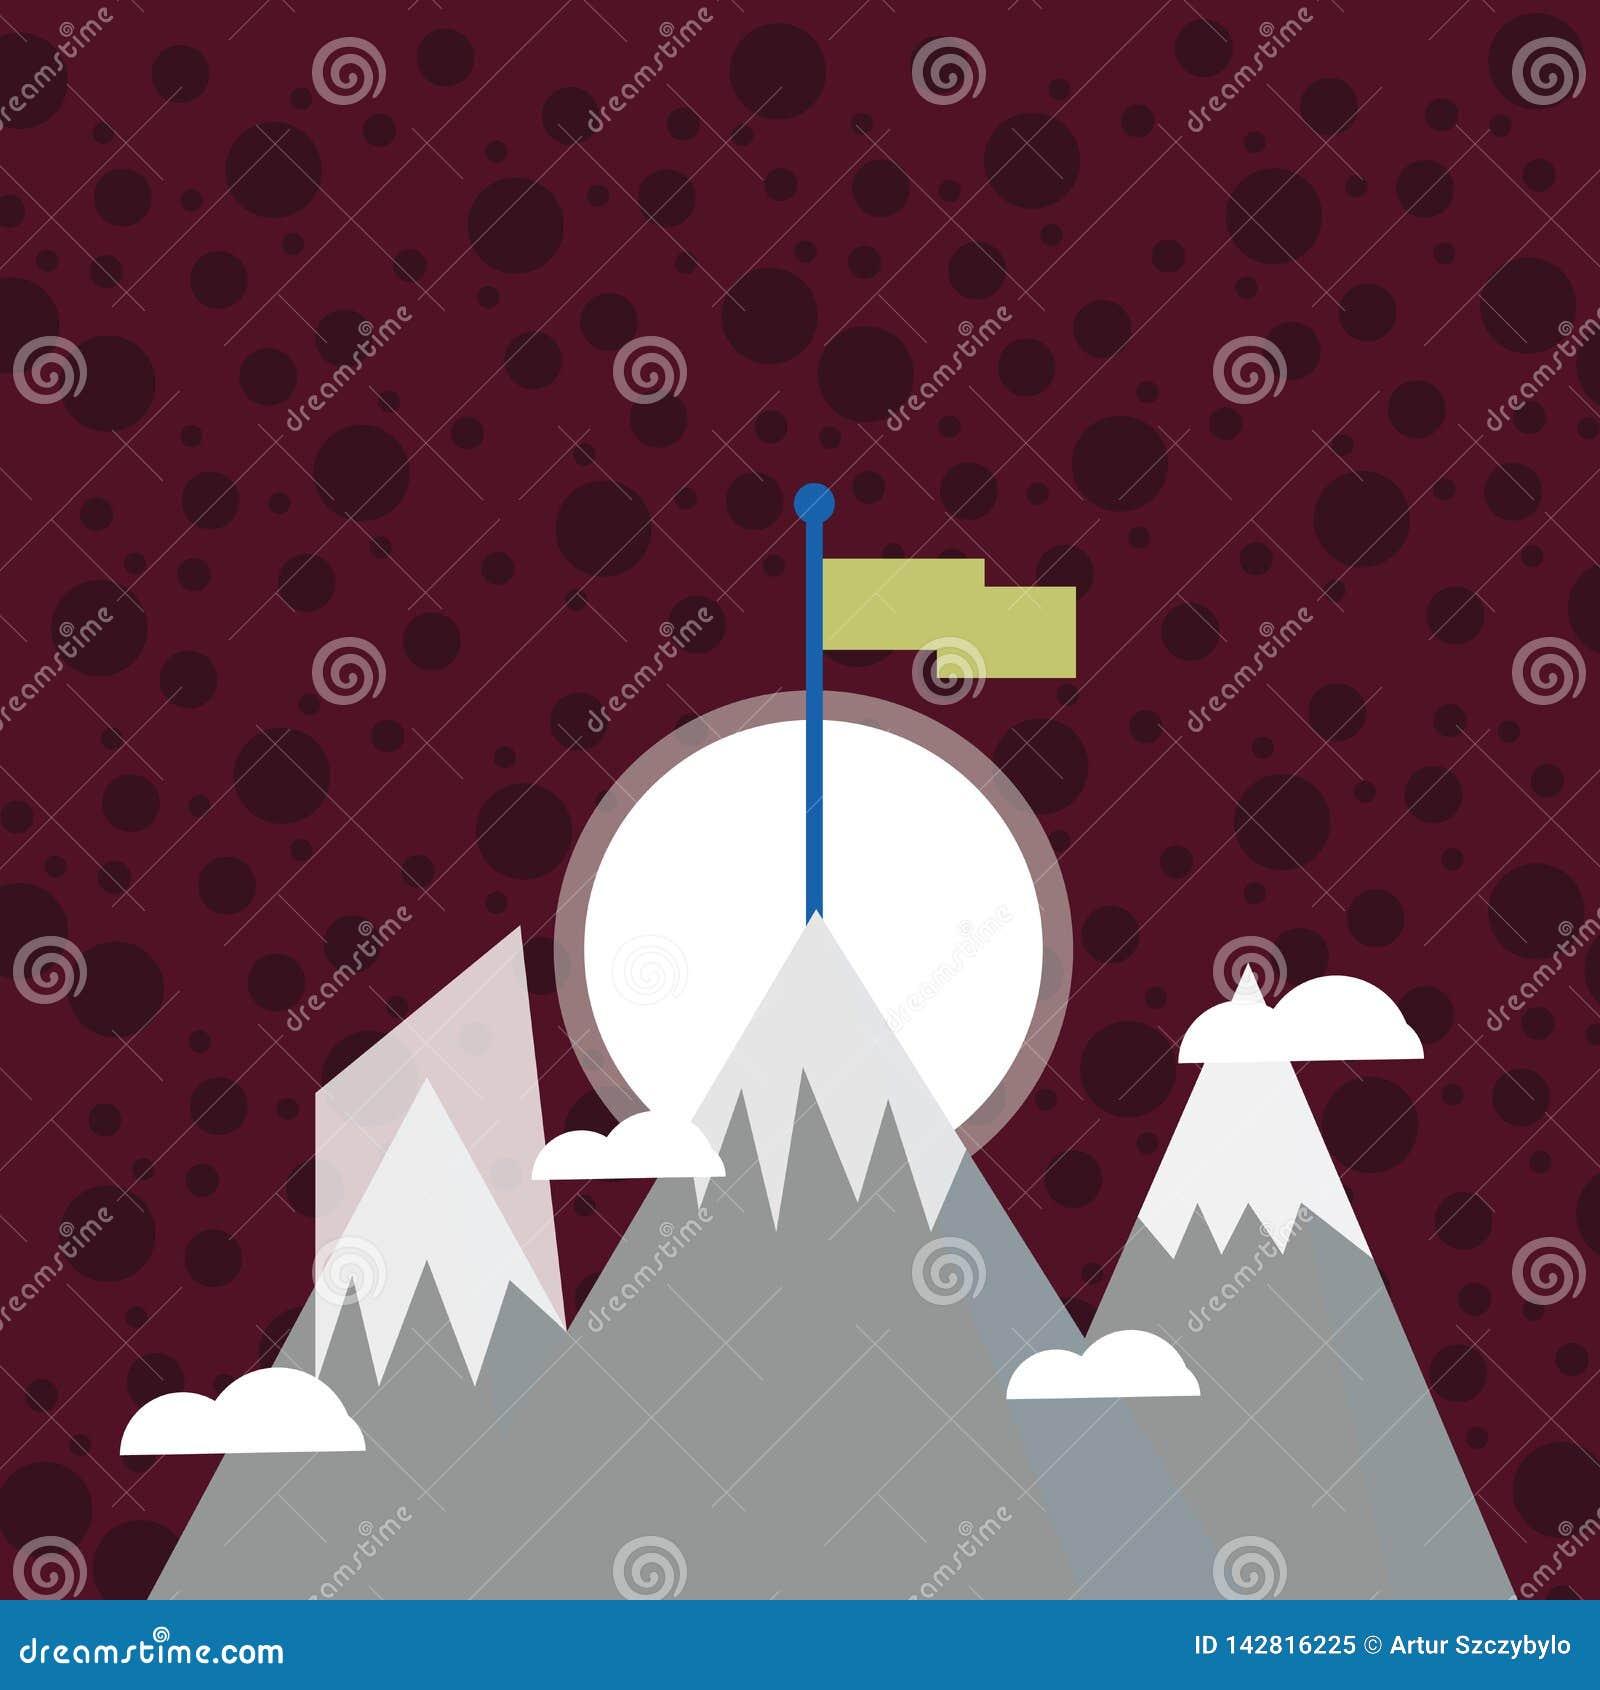 Drei Berge mit Schnee geht oben über die kleinen Wolken hinaus Ein hat die leere bunte Flagge, die an der Spitze steht kreativ